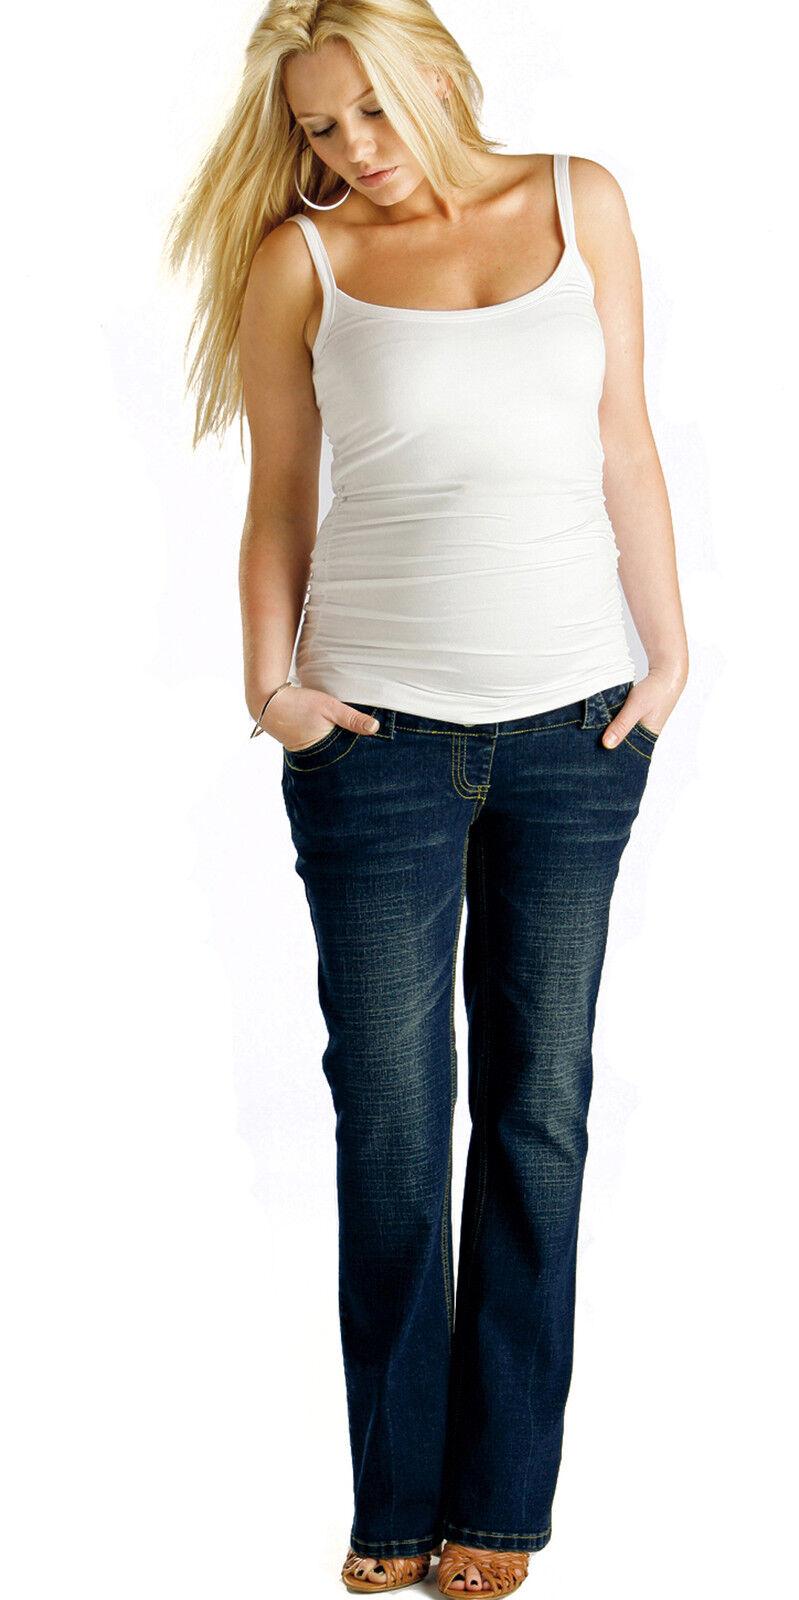 982b5d8e30e Maternity Pregnancy Jeans 8 10 12 14 16 18 20 22 - Petite Long ...